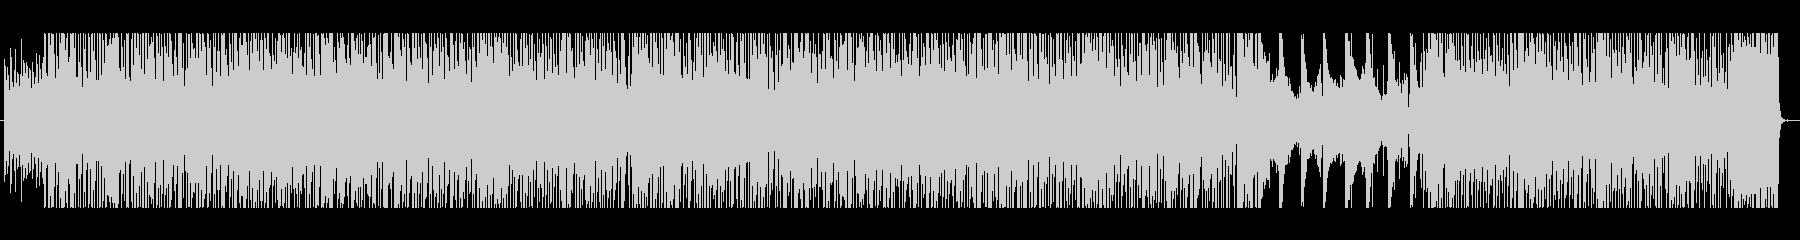 軽やかなリズムが特徴のハッピーな楽曲の未再生の波形